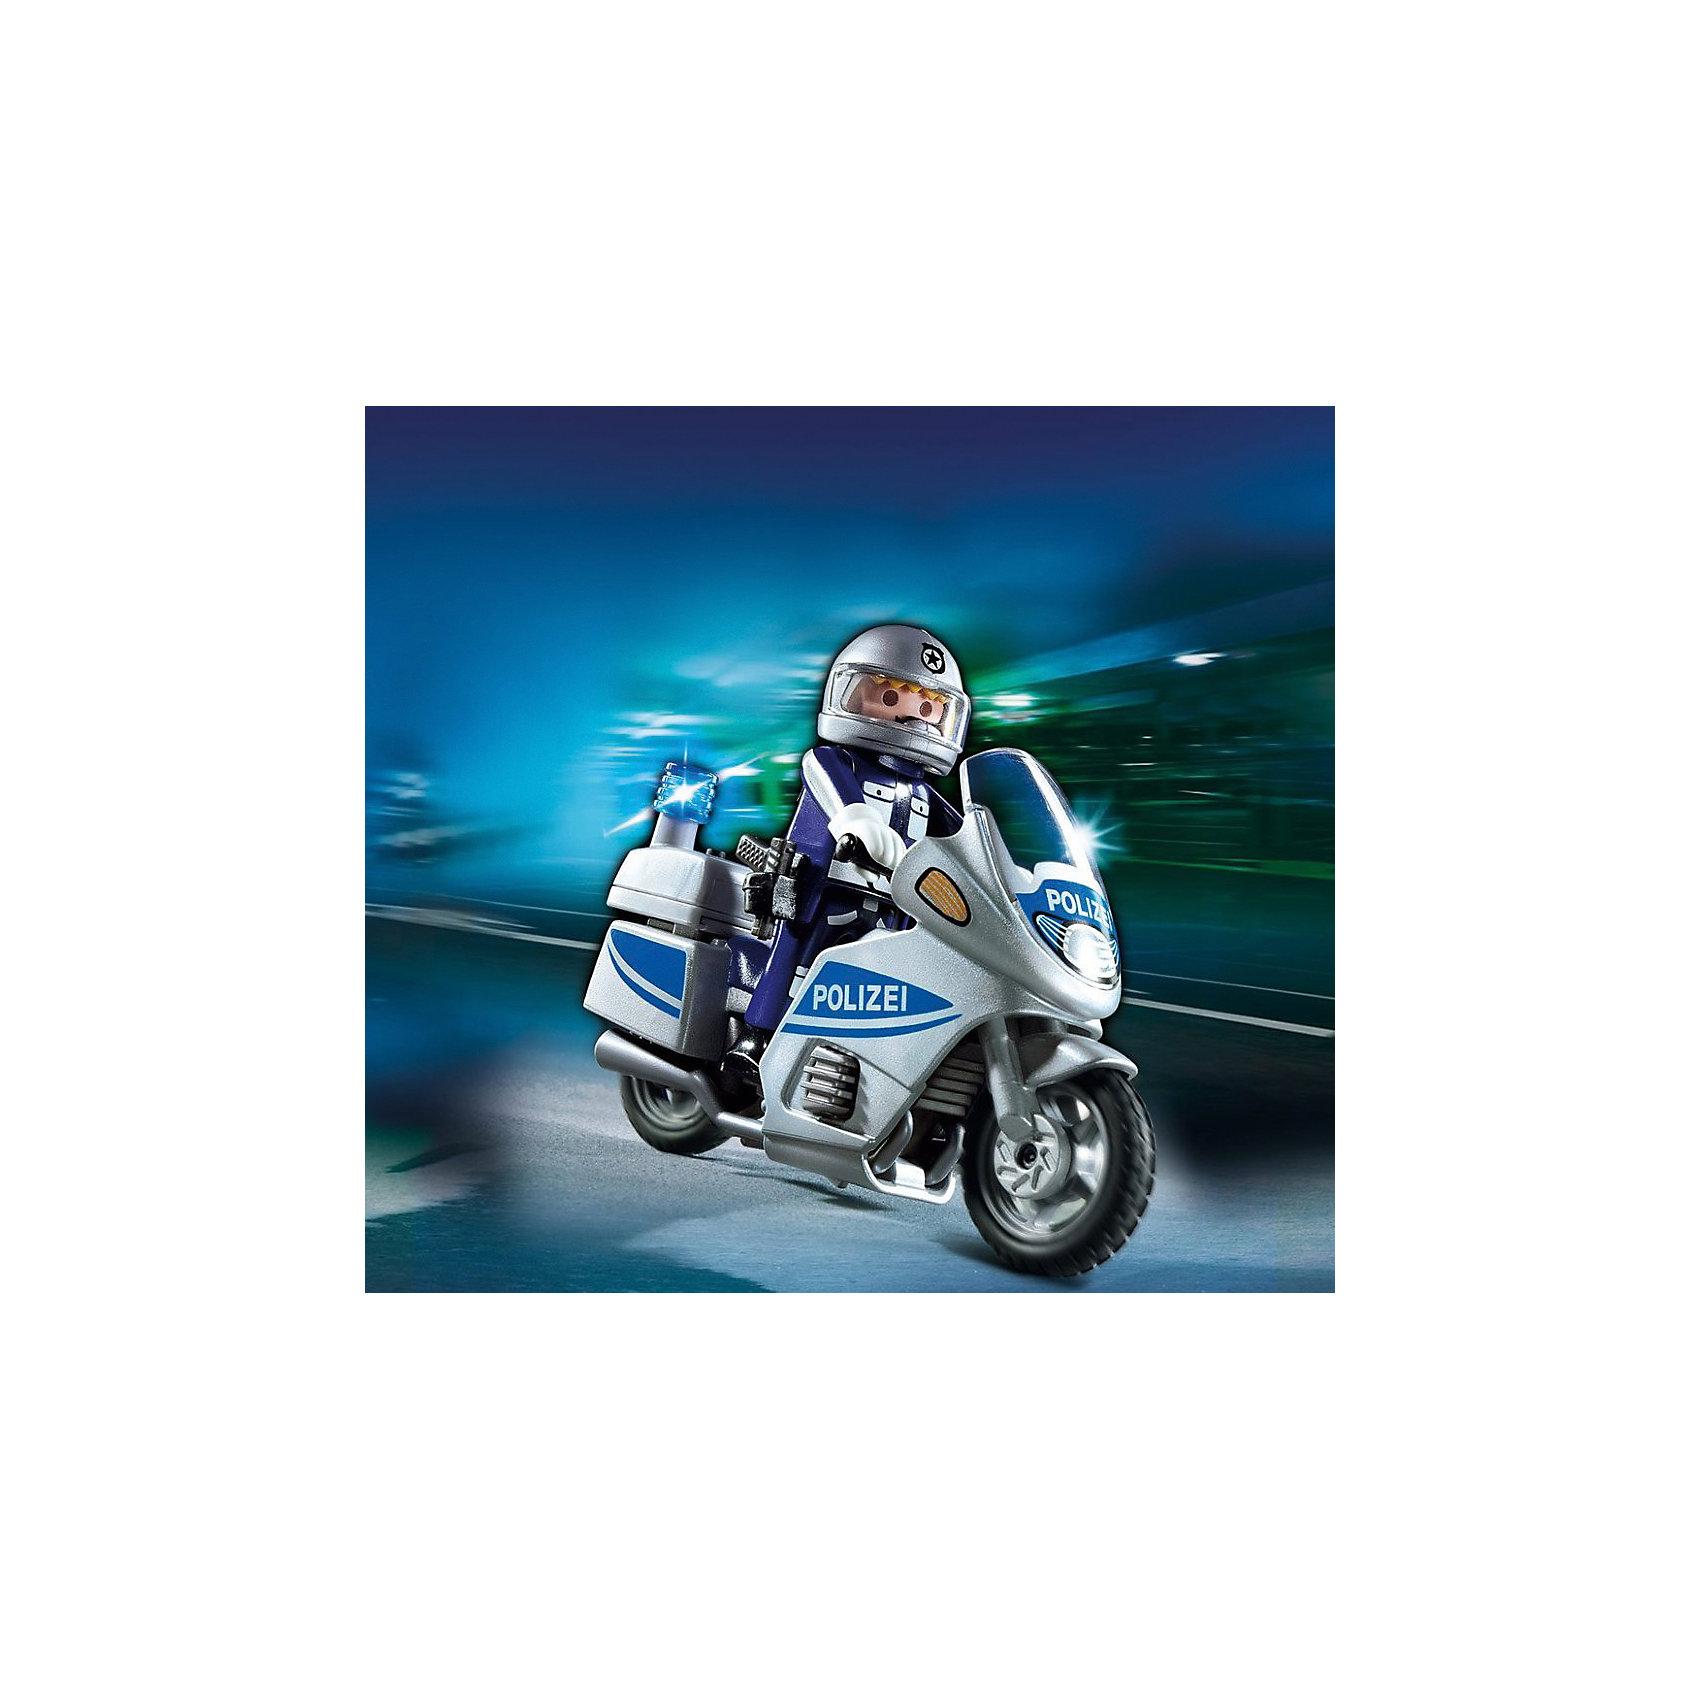 Полиция: Полицейский мотоцикл, PLAYMOBILПолиция: Полицейский мотоцикл, PLAYMOBIL (Плеймобиль).<br><br>Характеристики:<br><br>• В комплекте: полицейская машина, 2 фигурки полицейских.<br>• Размер упаковки: 15х15х5 см.<br>• Цвет: белый, темно - синий.<br>• Вес:120 г.<br>• Материал: пластик.<br><br>Ни один преступник не сможет скрыться, если в погоне участвует полицейский на скоростном мотоцикле от бренда PLAYMOBIL (Плеймобиль)! Там, где не может проехать машина, на узких, заставленных улочках, проедет мотоцикл, и вся территория будет охвачена вниманием полицейских, чтобы в городе сохранялось спокойствие и порядок. В состав комплекта входит мотоцикл со световой сиреной, фигурка полицейского в полной экипировке и пистолет.  Размер мотоцикла 15*15*5 см, высота фигурки полицейского 7,5 см. Фигурка полицейского может садиться на мотоцикл, сгибая ноги и руки.  Перчатки устроены так, что свободно обхватывают ручки мотоцикла.  Колеса с резиновыми шинами легко крепятся во время движения. Подарите своему юному стражу порядка такой набор!<br><br>Полиция: Полицейский мотоцикл, PLAYMOBIL (Плеймобиль), можно купить в нашем интернет- магазине.<br><br>Ширина мм: 150<br>Глубина мм: 150<br>Высота мм: 50<br>Вес г: 123<br>Возраст от месяцев: 48<br>Возраст до месяцев: 2147483647<br>Пол: Мужской<br>Возраст: Детский<br>SKU: 5195408